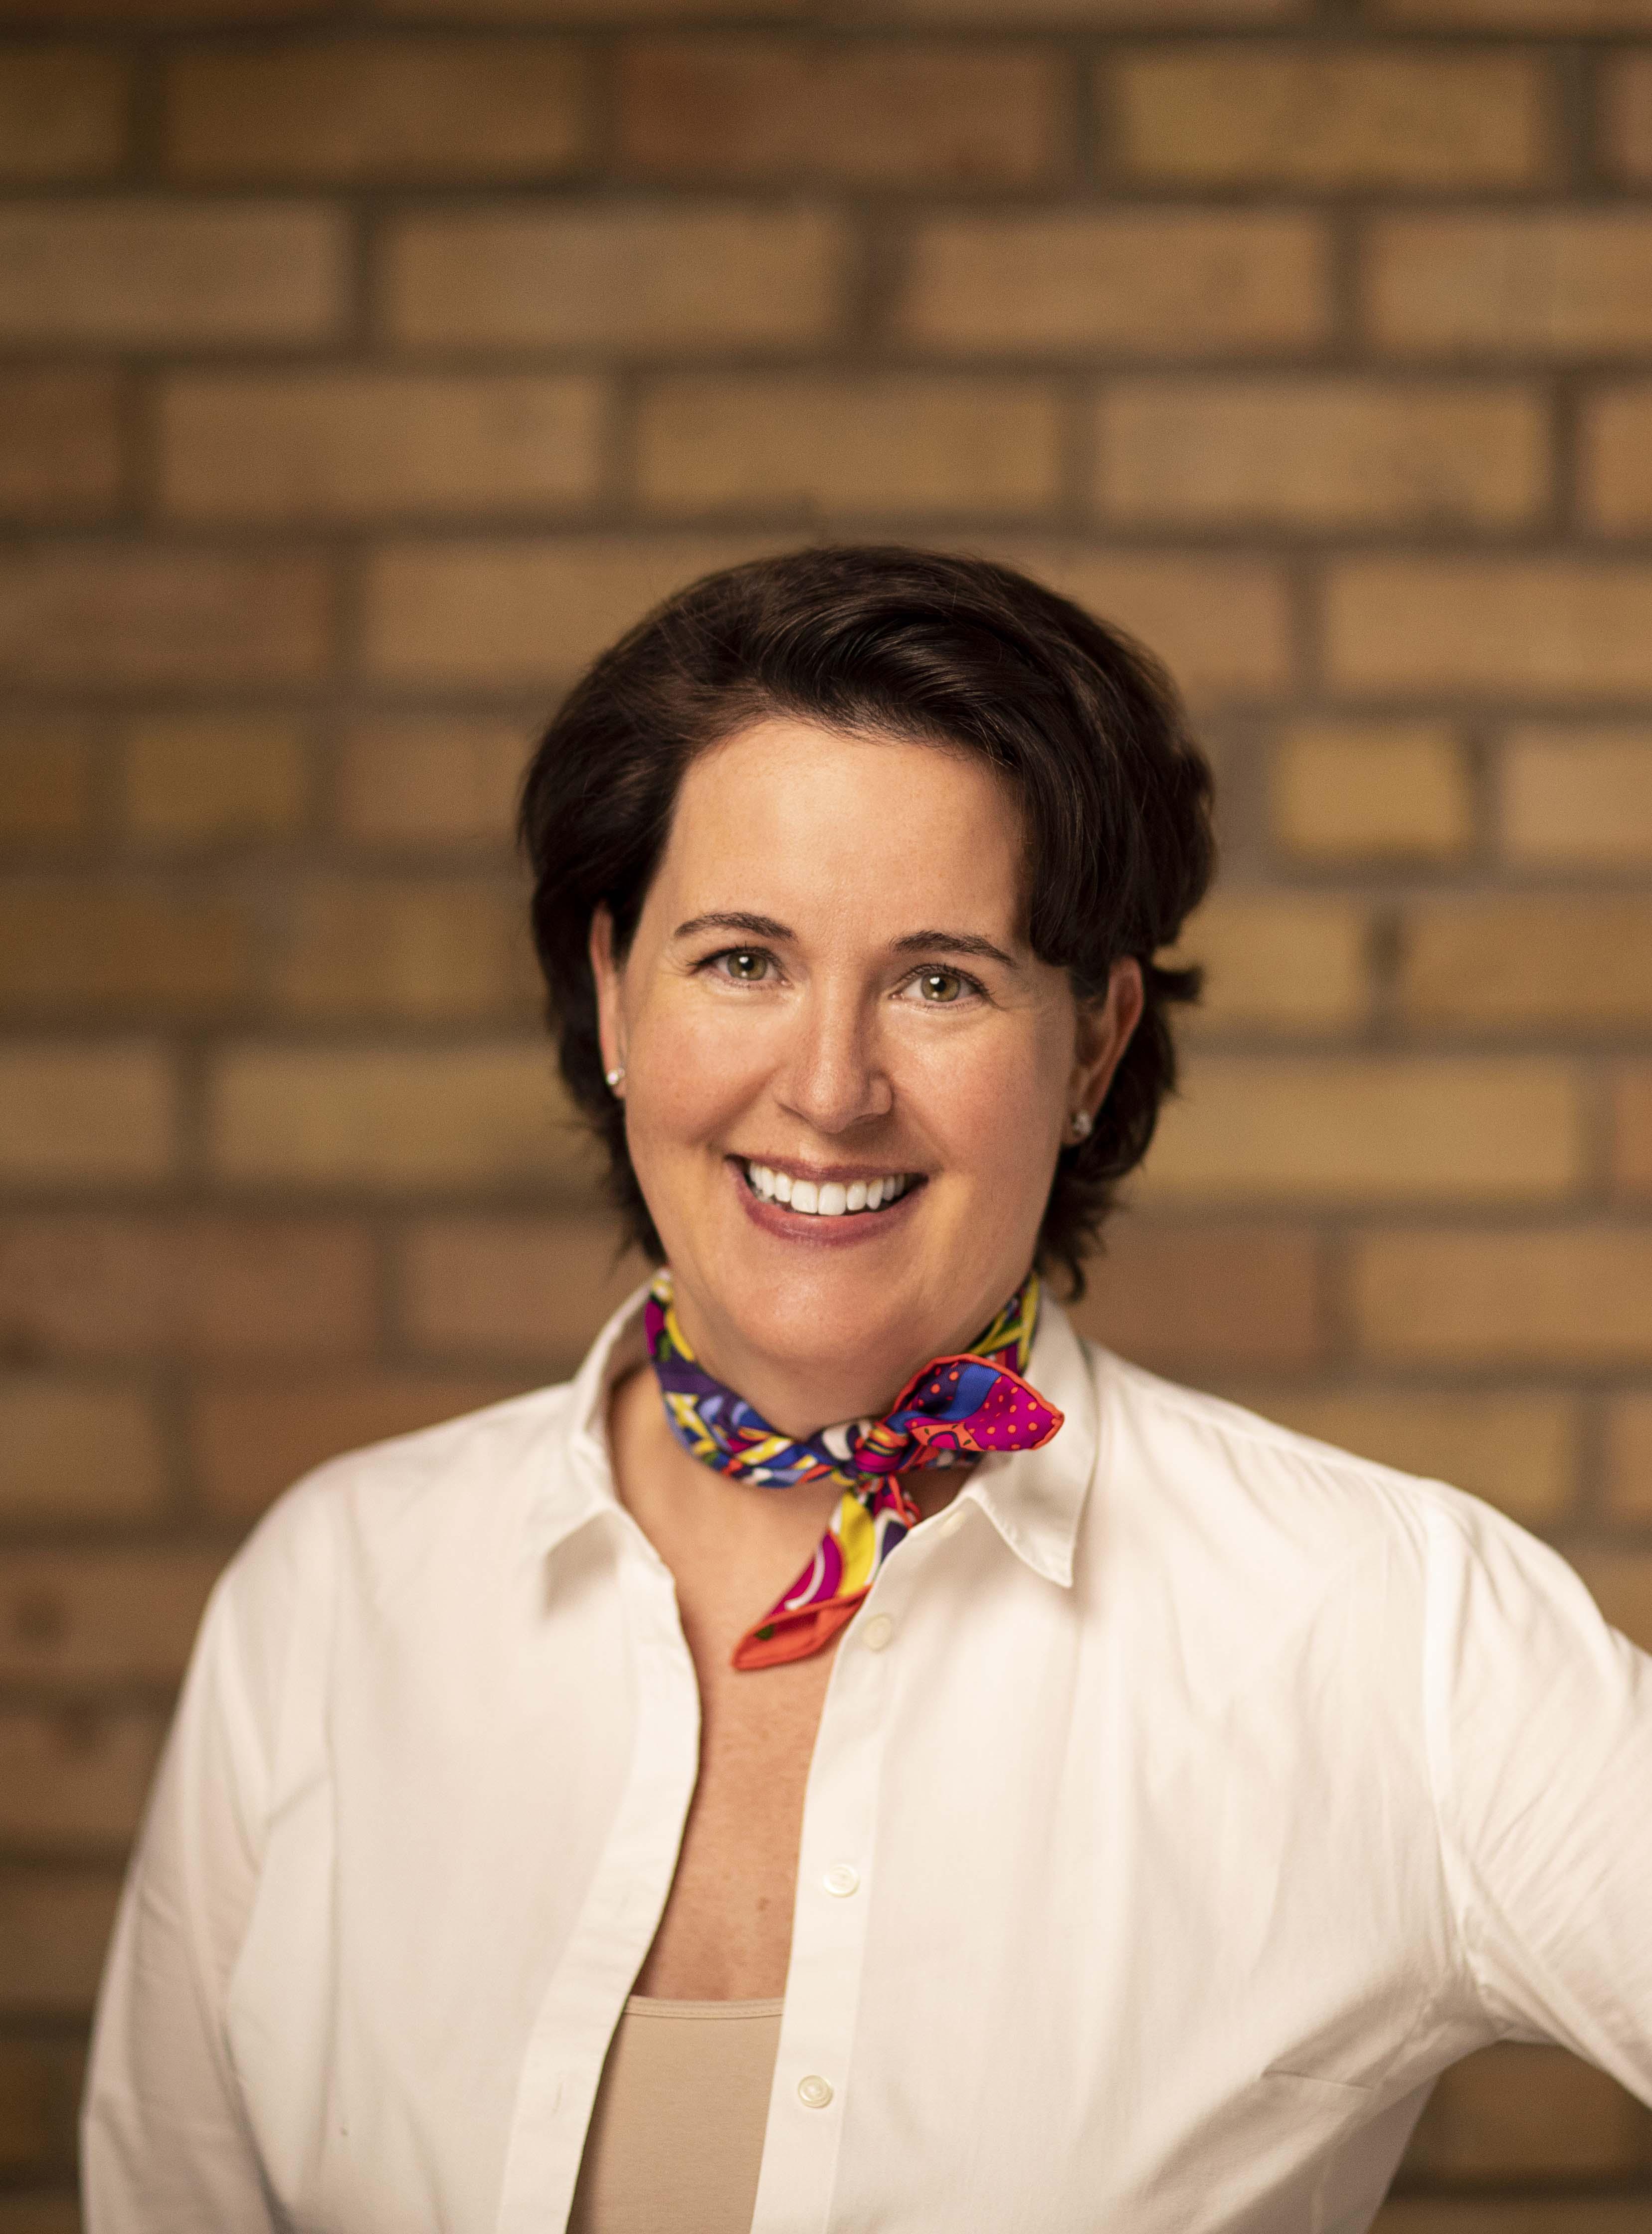 Stephanie Hays